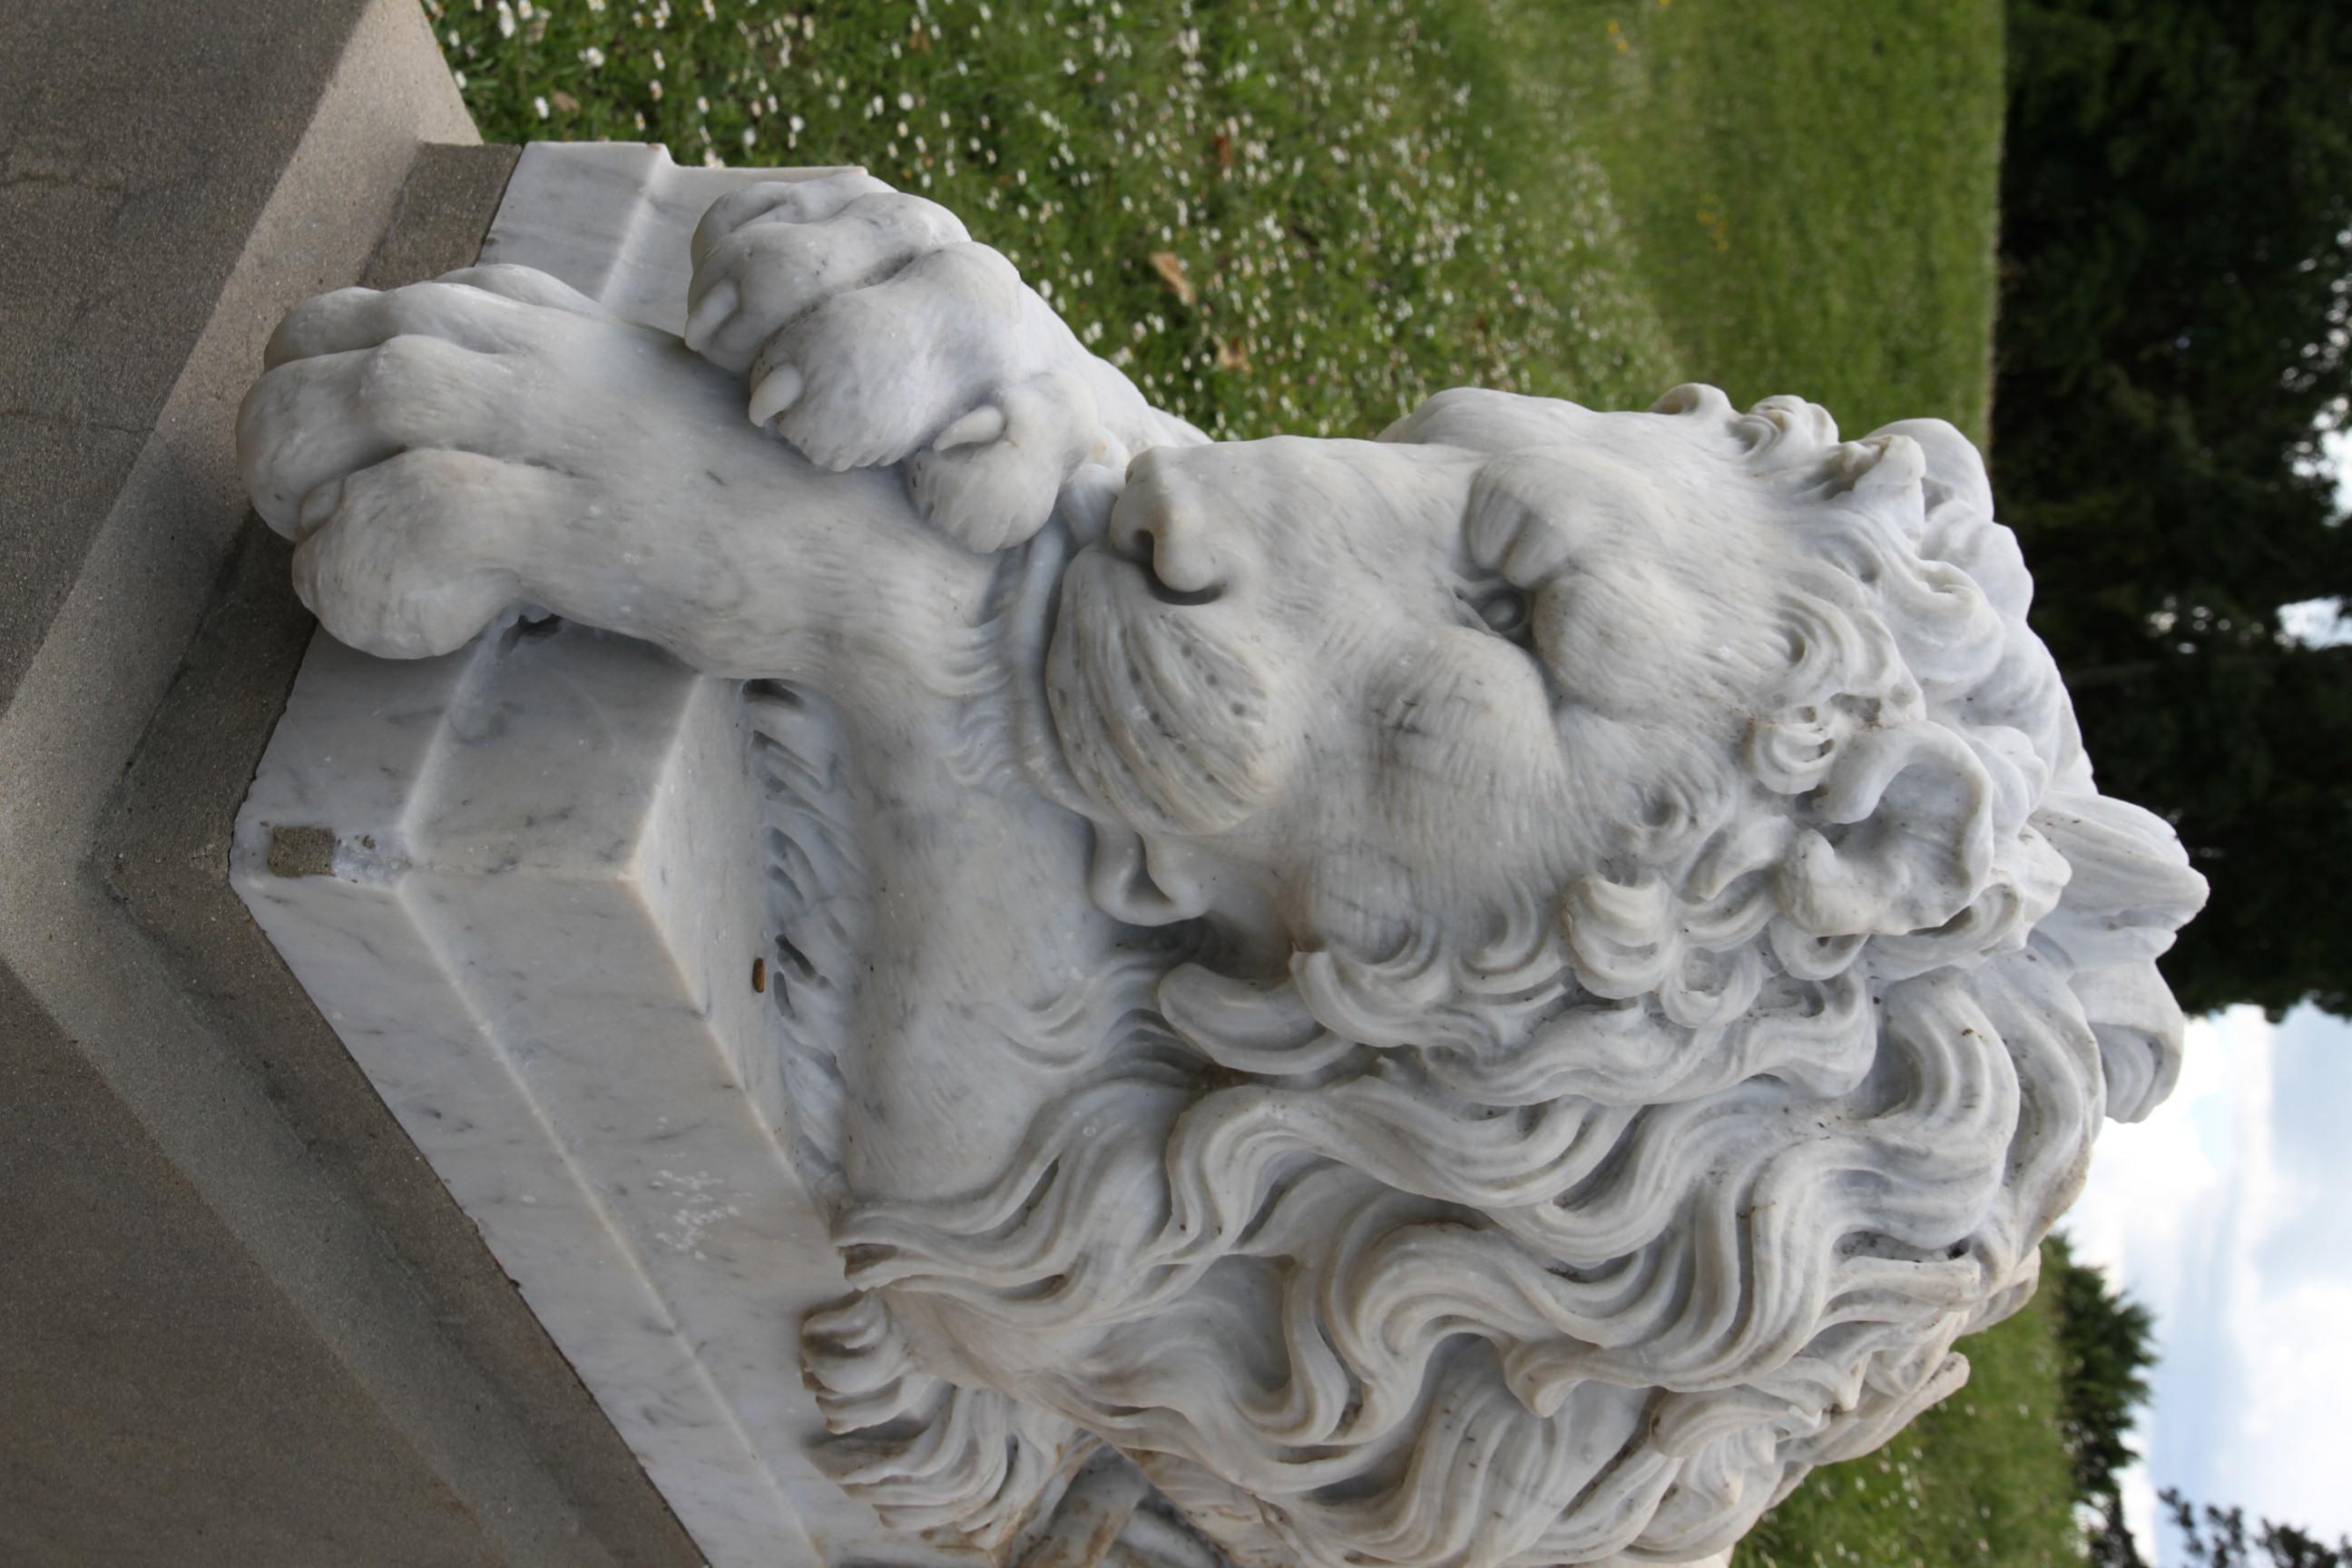 Les Lions de Canova